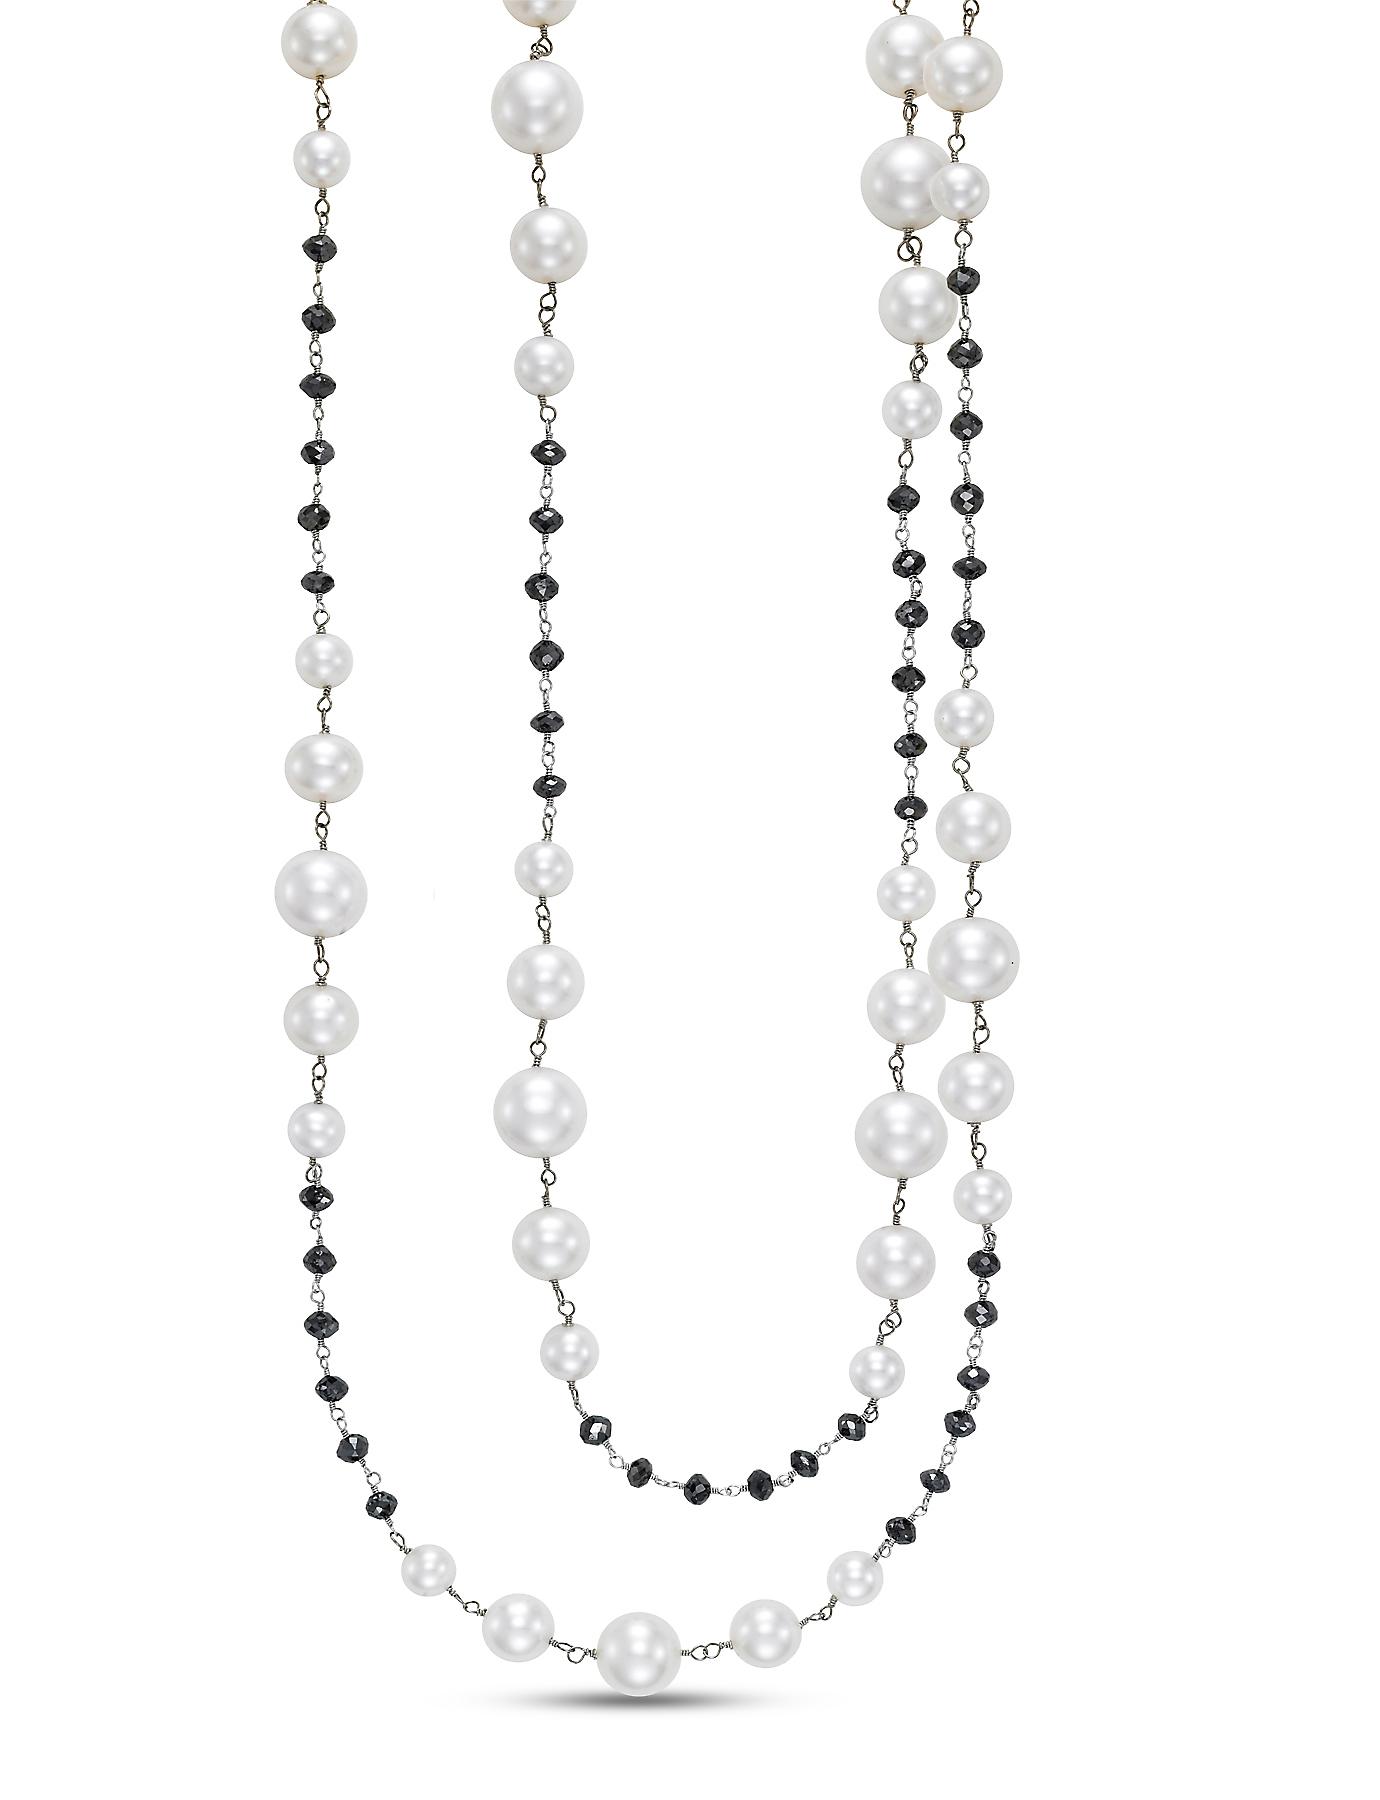 Mastoloni Fashion Necklace N2137-8W product image